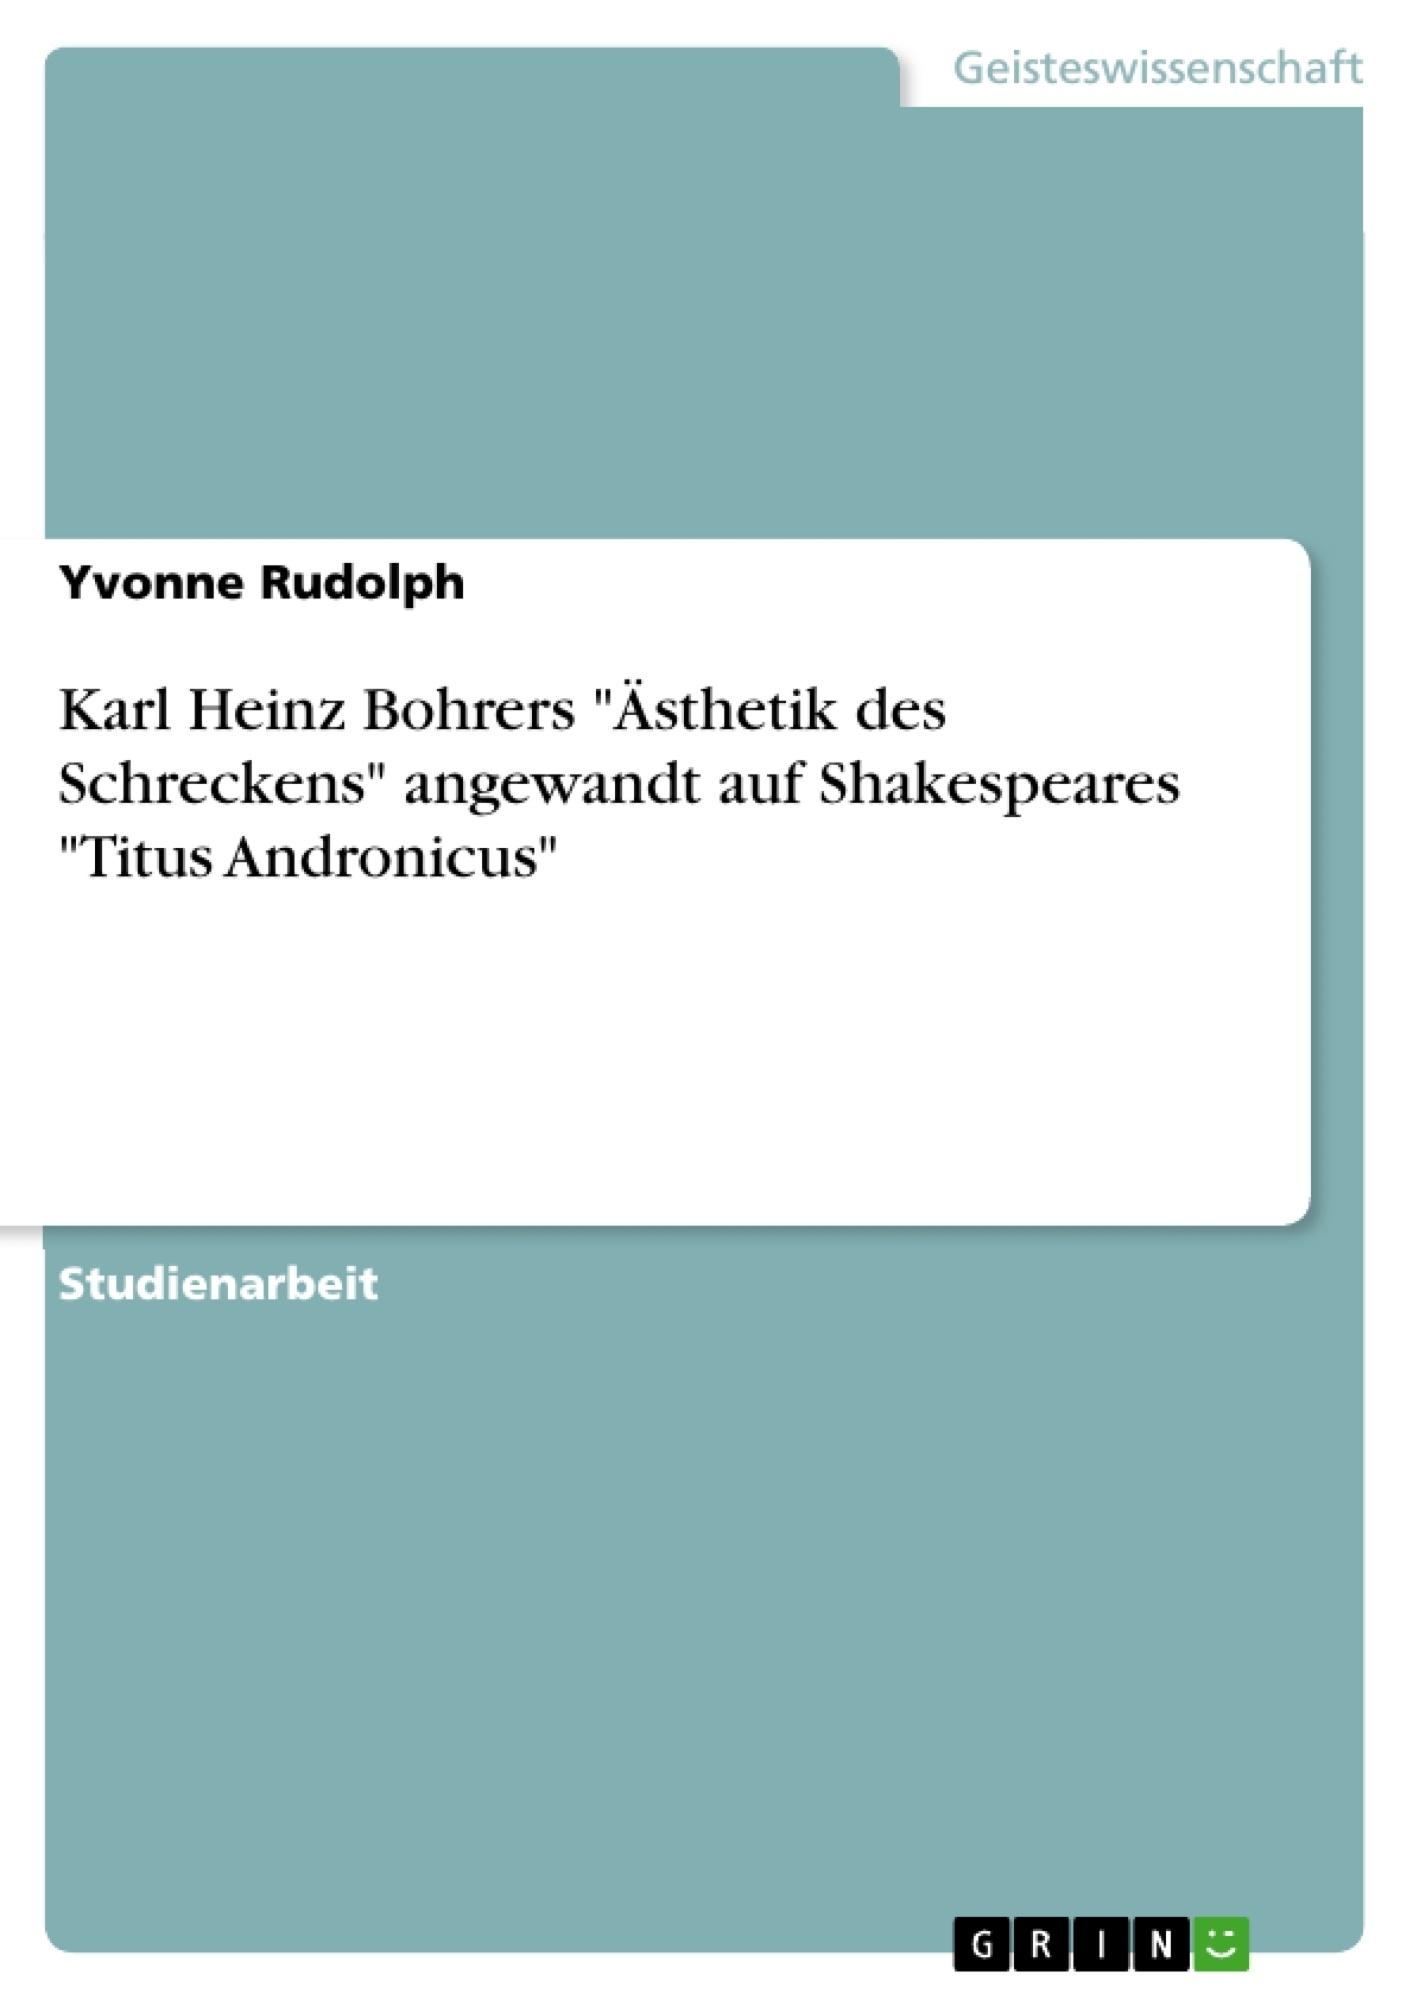 """Titel: Karl Heinz Bohrers """"Ästhetik des Schreckens"""" angewandt auf Shakespeares """"Titus Andronicus"""""""